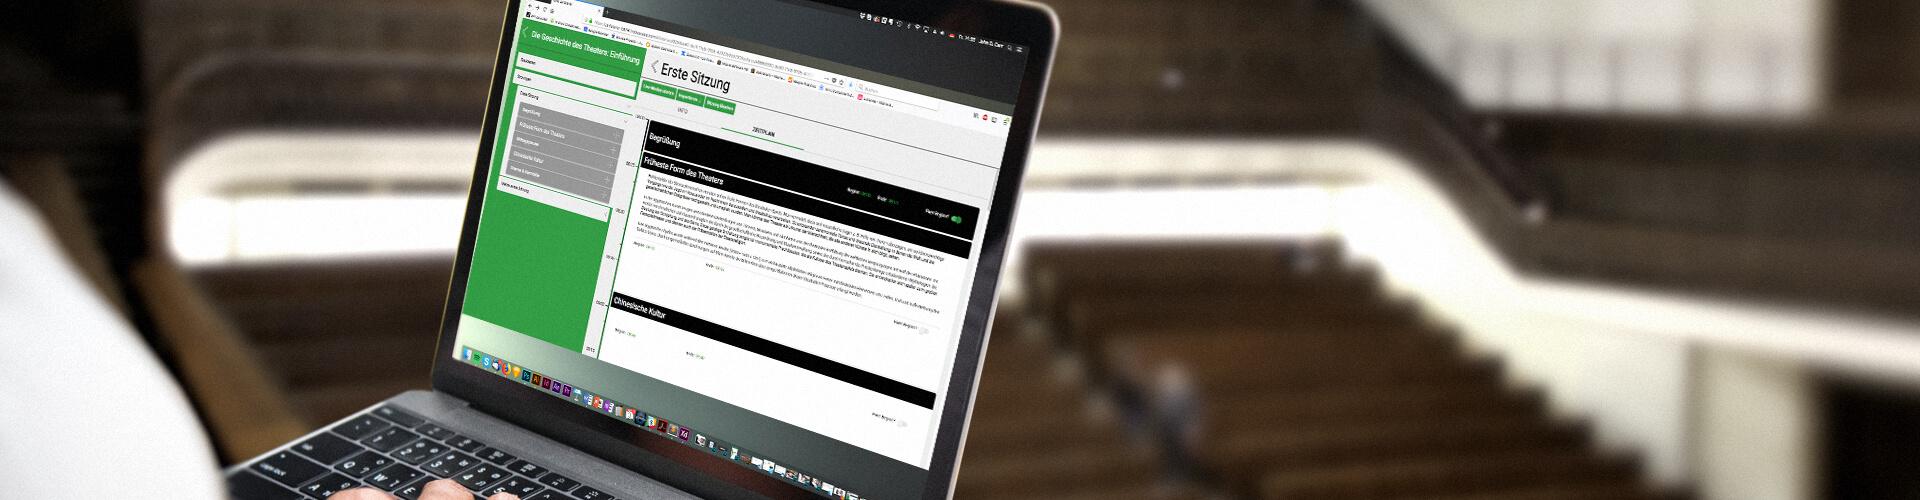 Laptop mit LMU Zeitplaner Web App